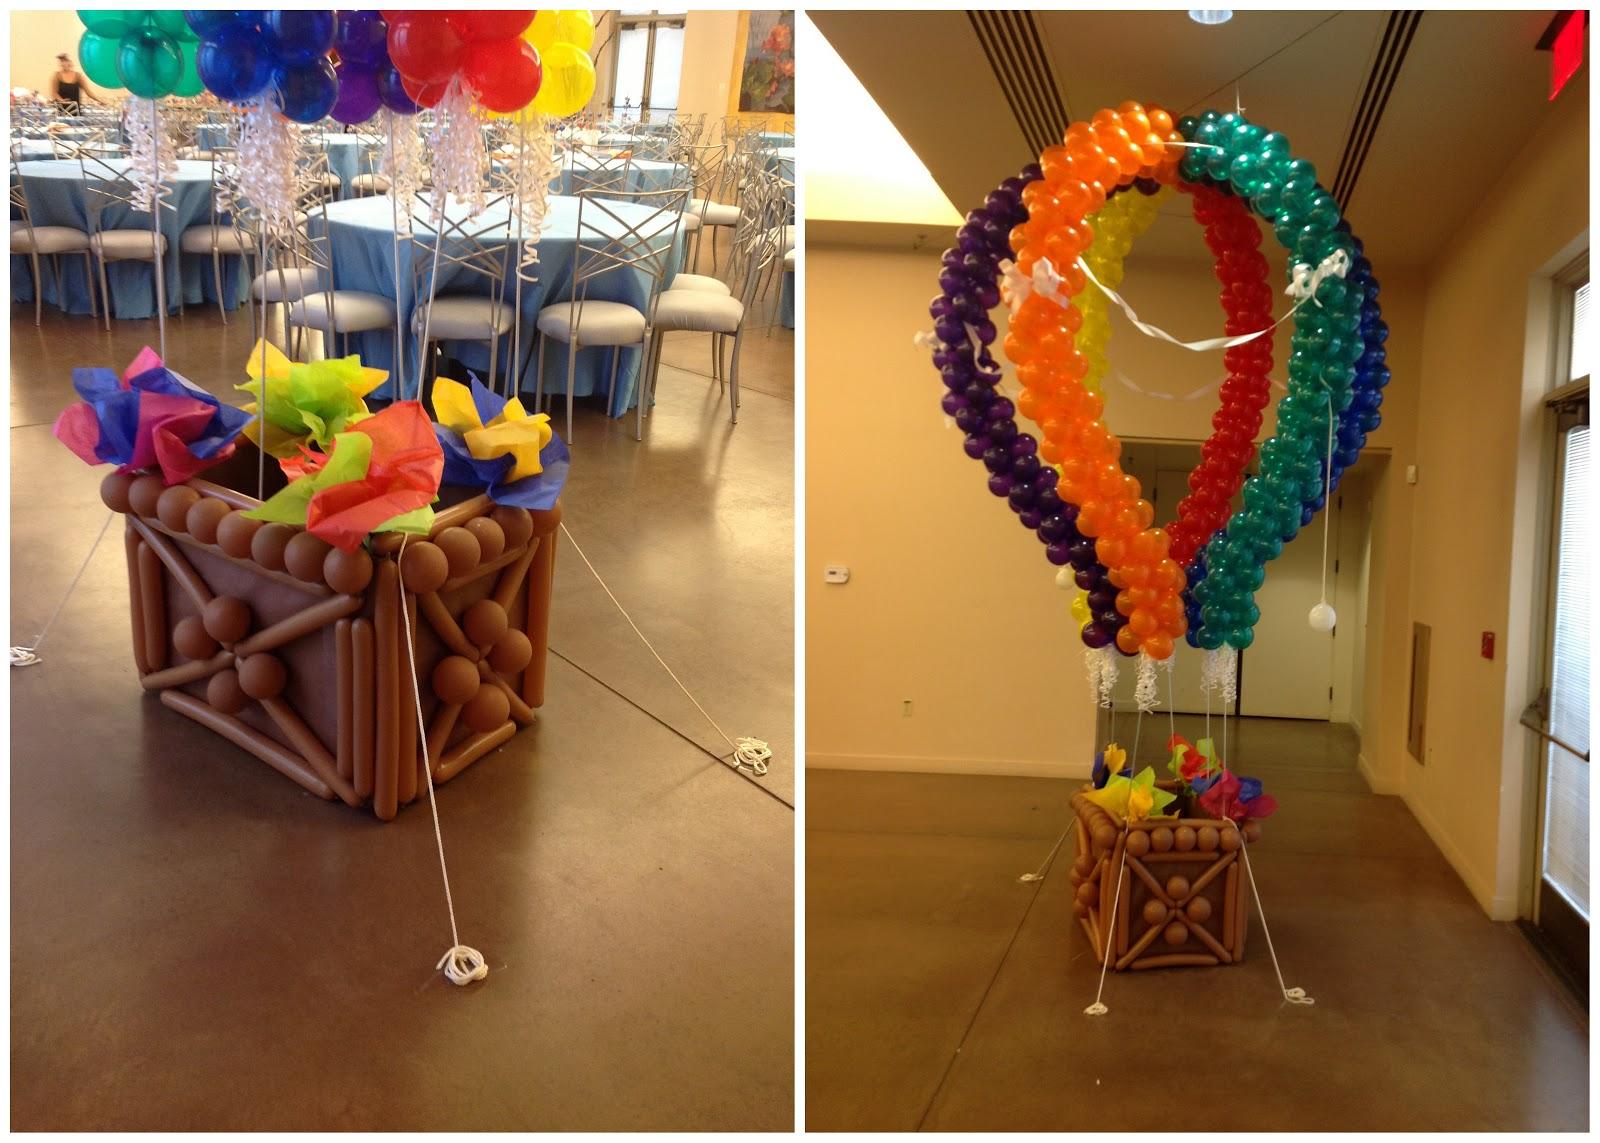 Cherri's Balloons: Balloons Sculptures Phoenix Arizona Balloons